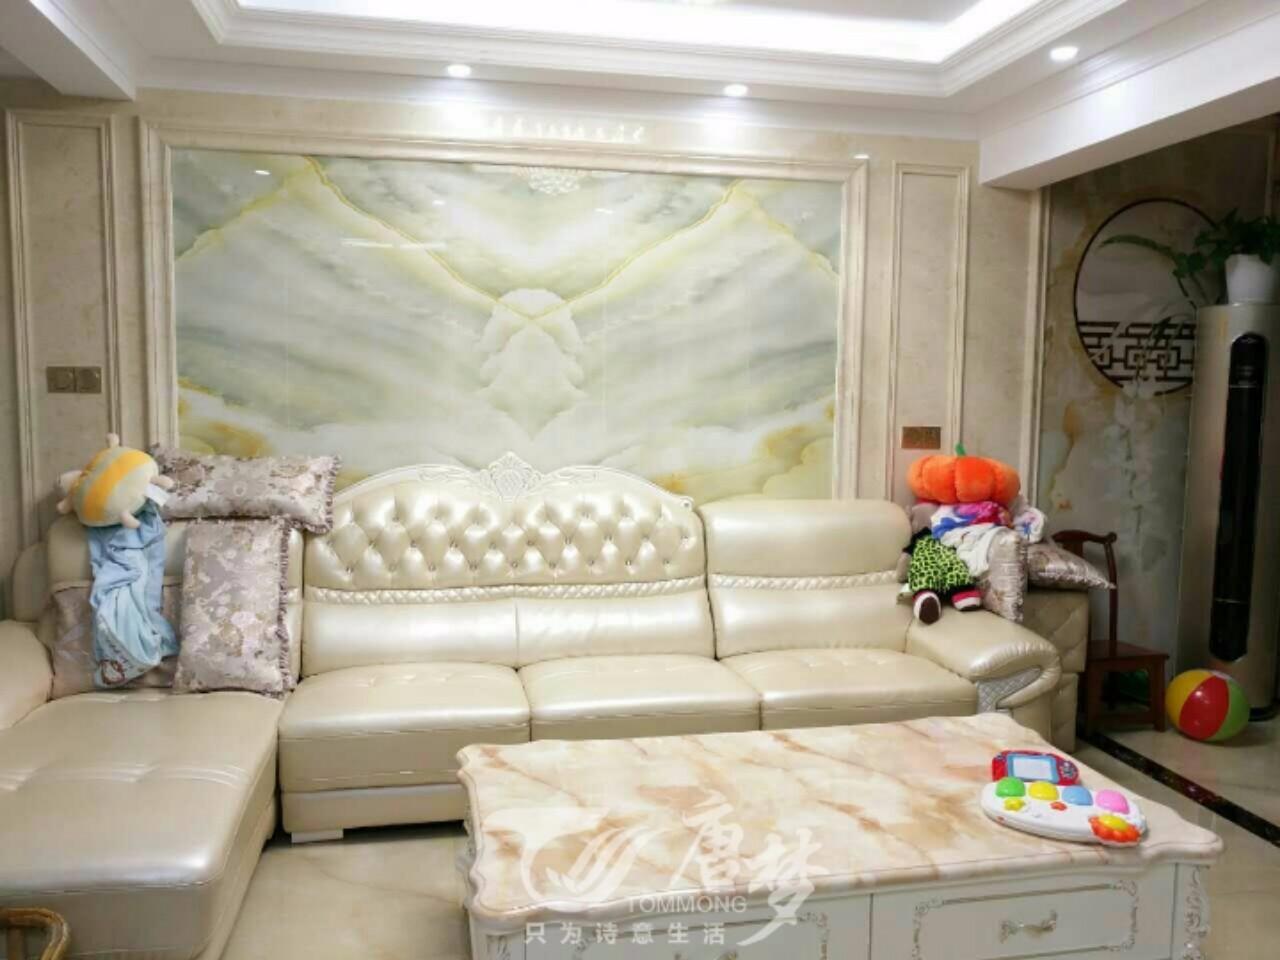 有个设计师老公真好,纯欧式客厅设计,电视背景墙也是美的没话说_新浪